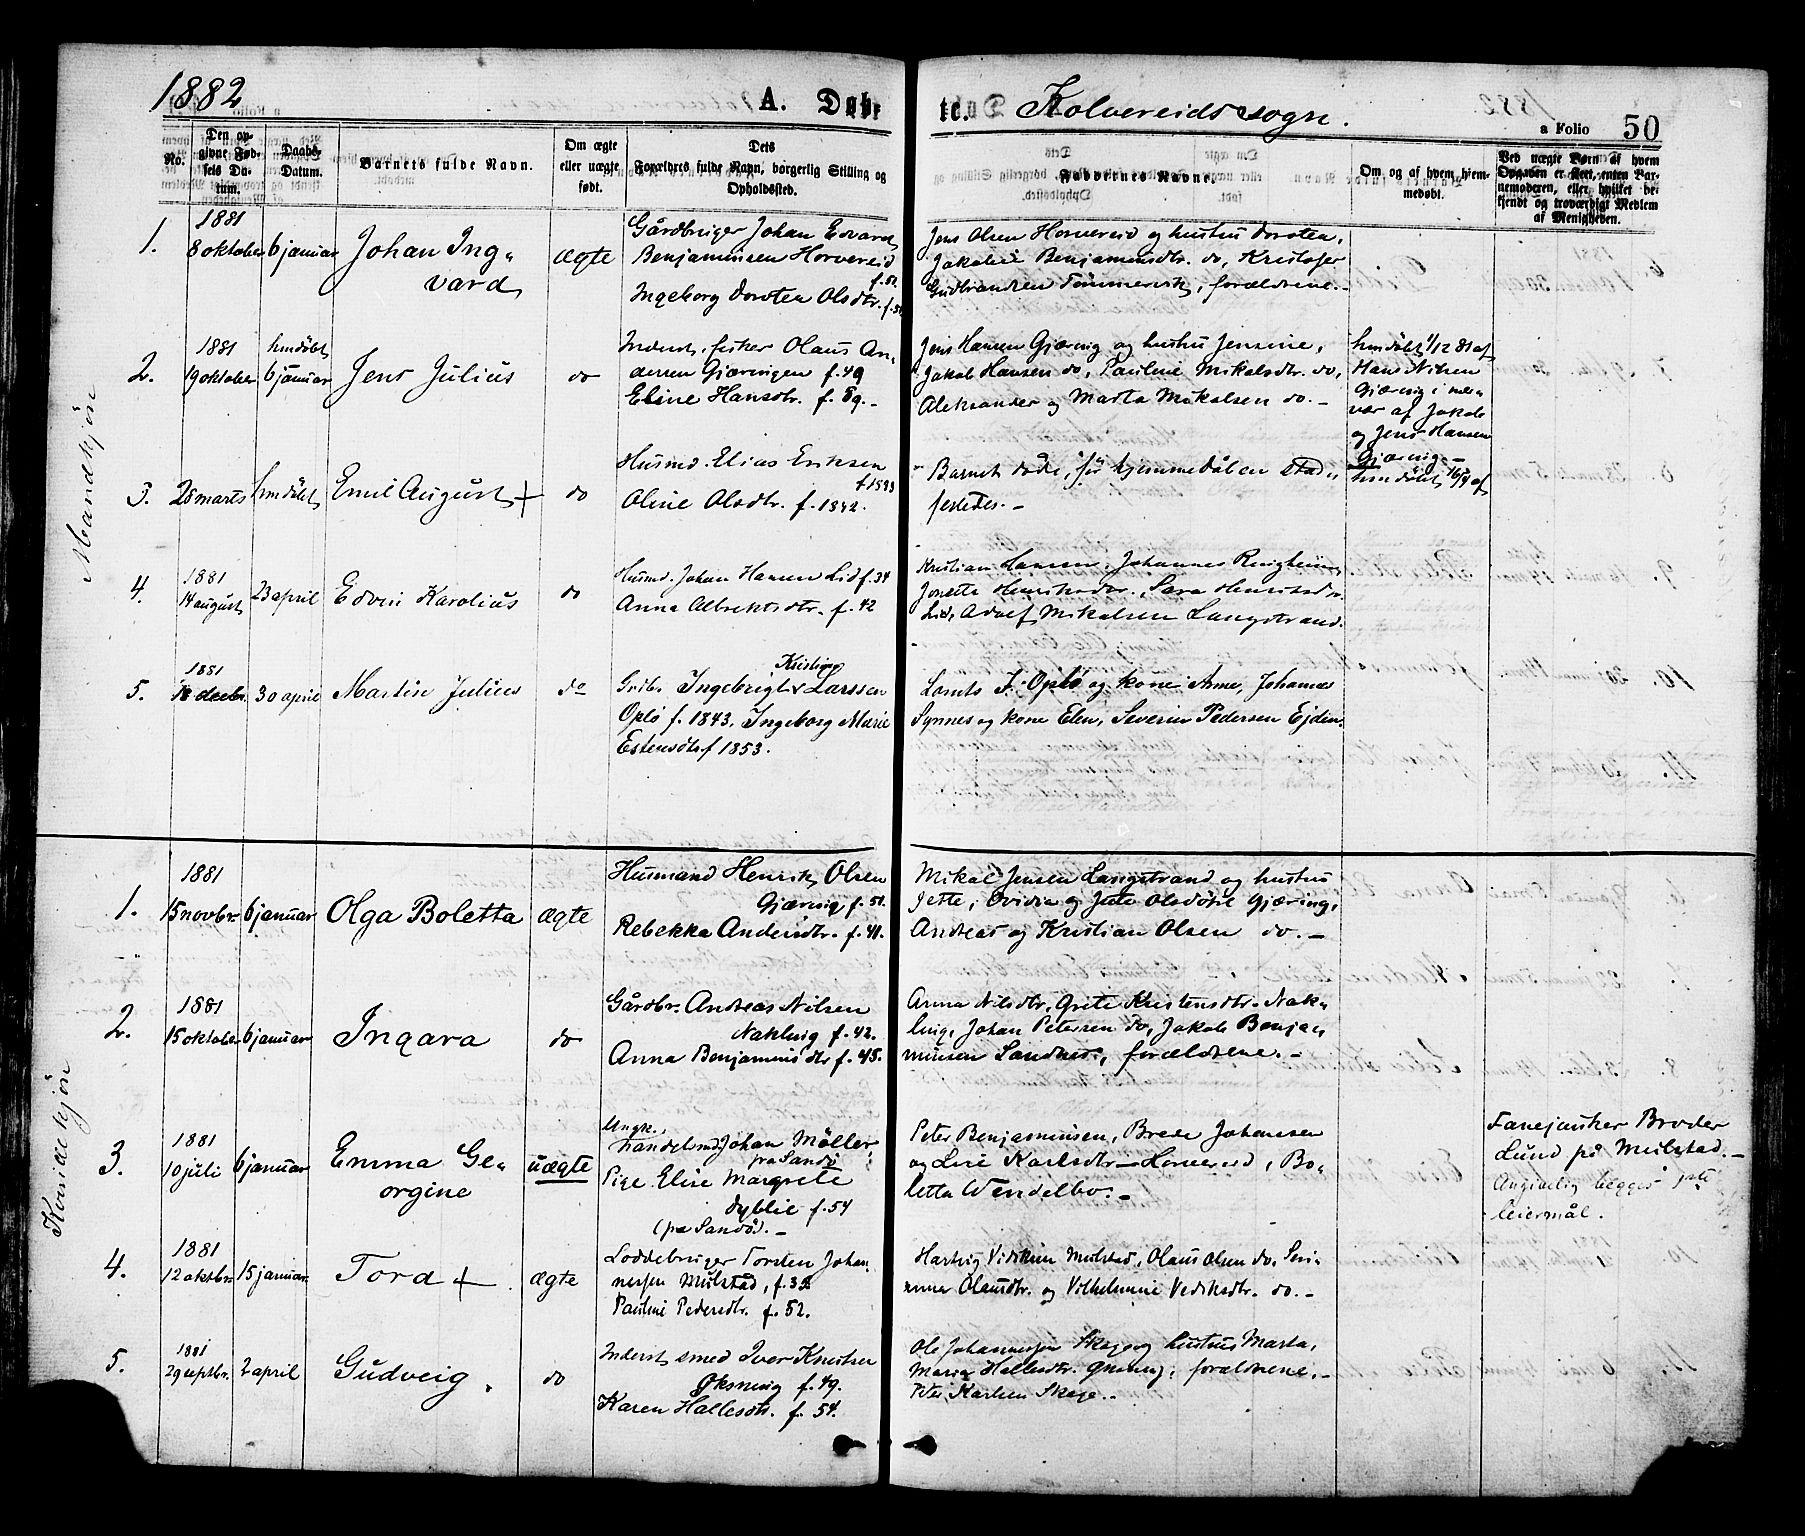 SAT, Ministerialprotokoller, klokkerbøker og fødselsregistre - Nord-Trøndelag, 780/L0642: Ministerialbok nr. 780A07 /1, 1874-1885, s. 50